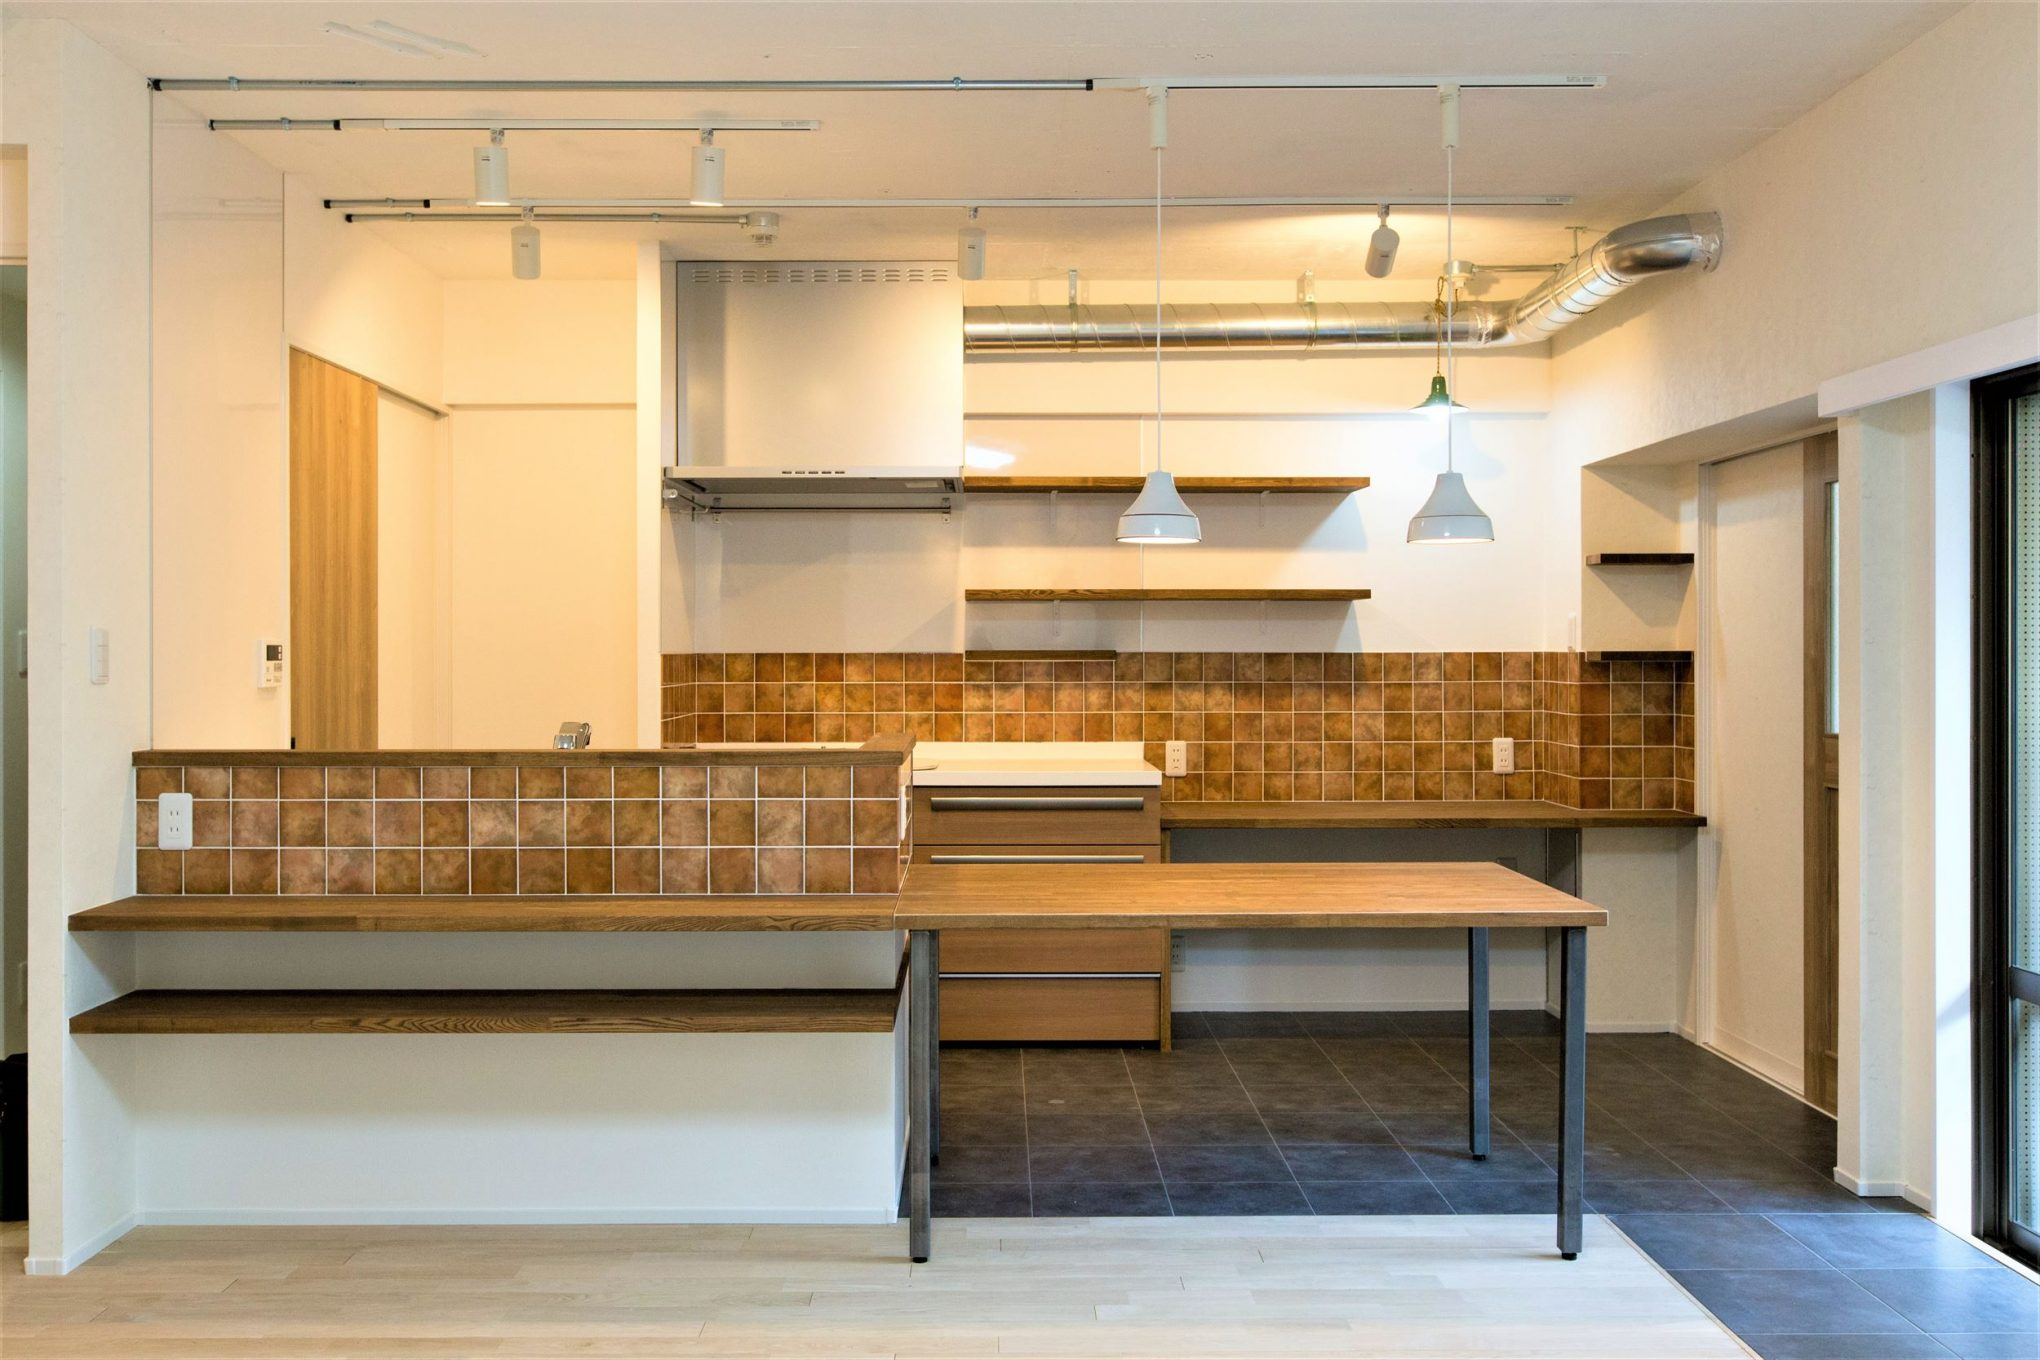 シンクと作業台兼ダイニングテーブルを造作し、リビングに向けたキッチン。